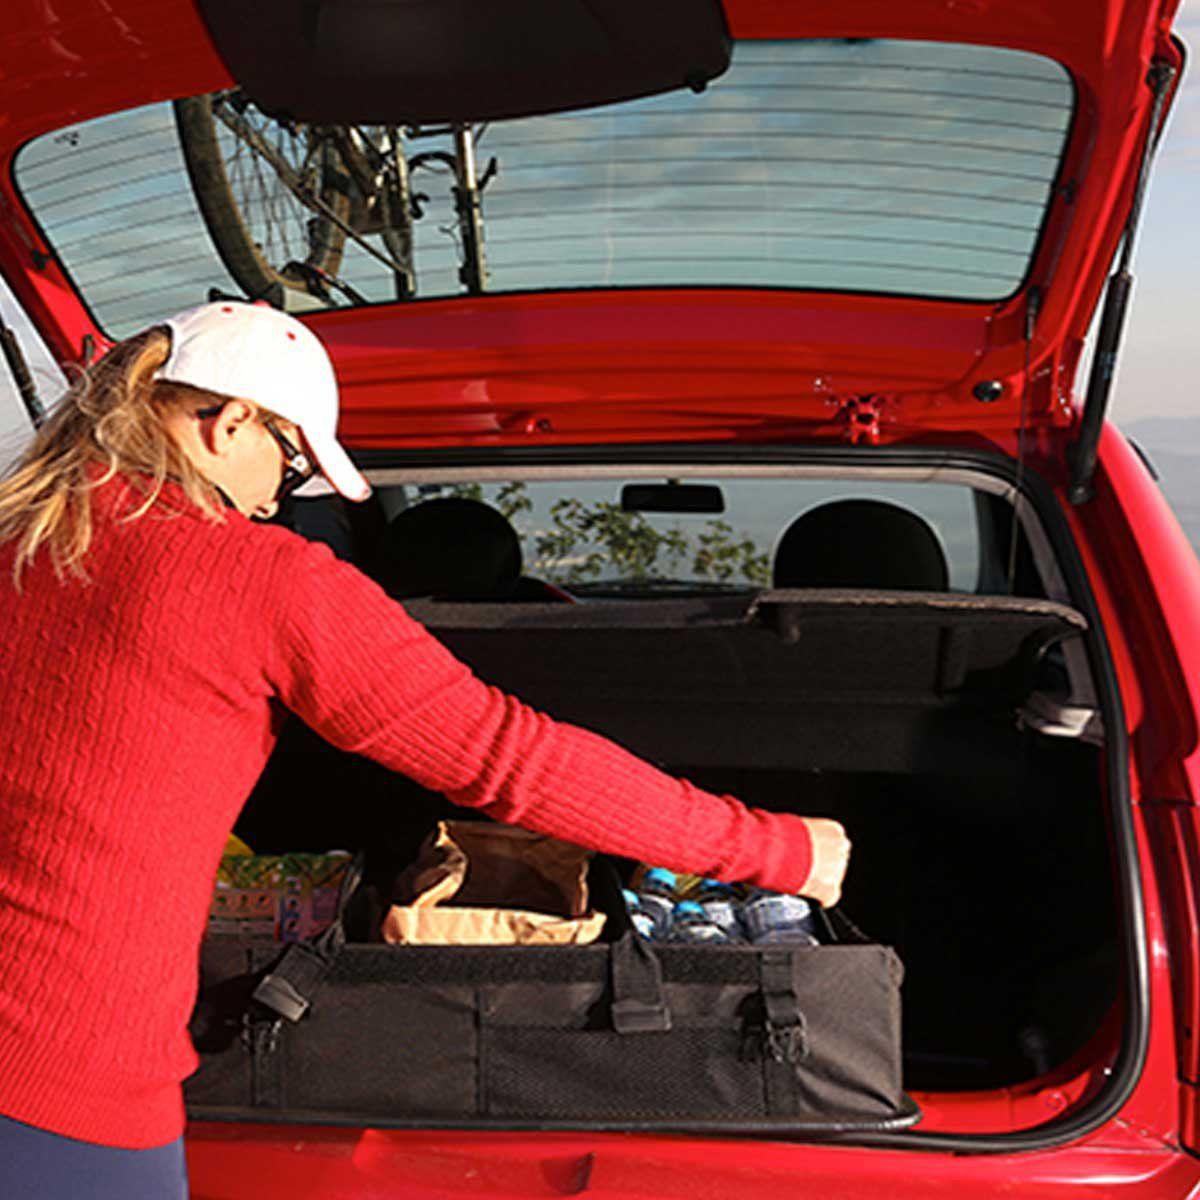 Caixa Organizador de Porta-malas Pequeno Reese